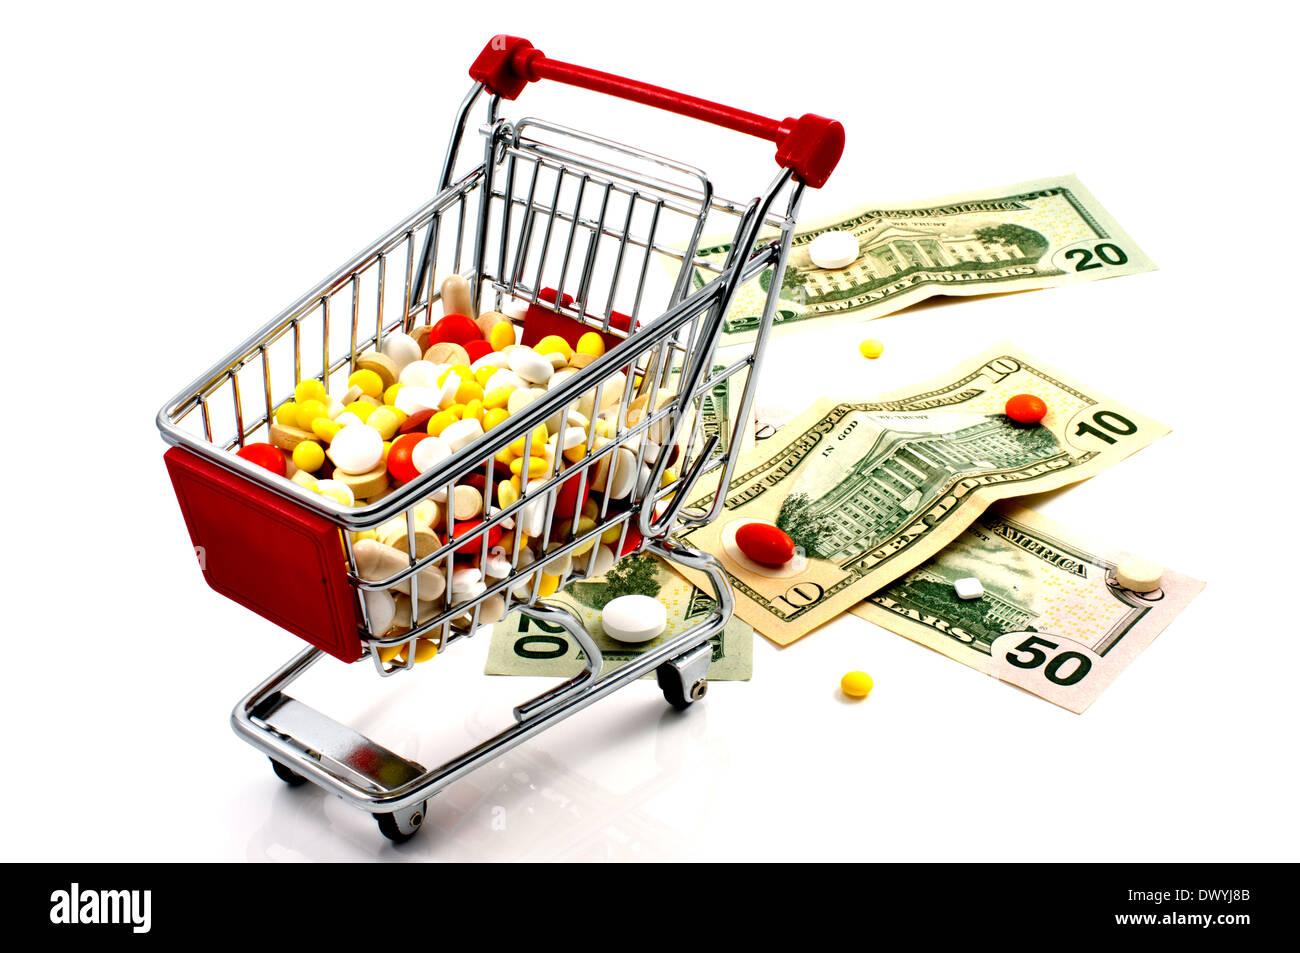 Médicaments dans le panier sur un fond blanc. L'argent et des pilules à proximité. Banque D'Images